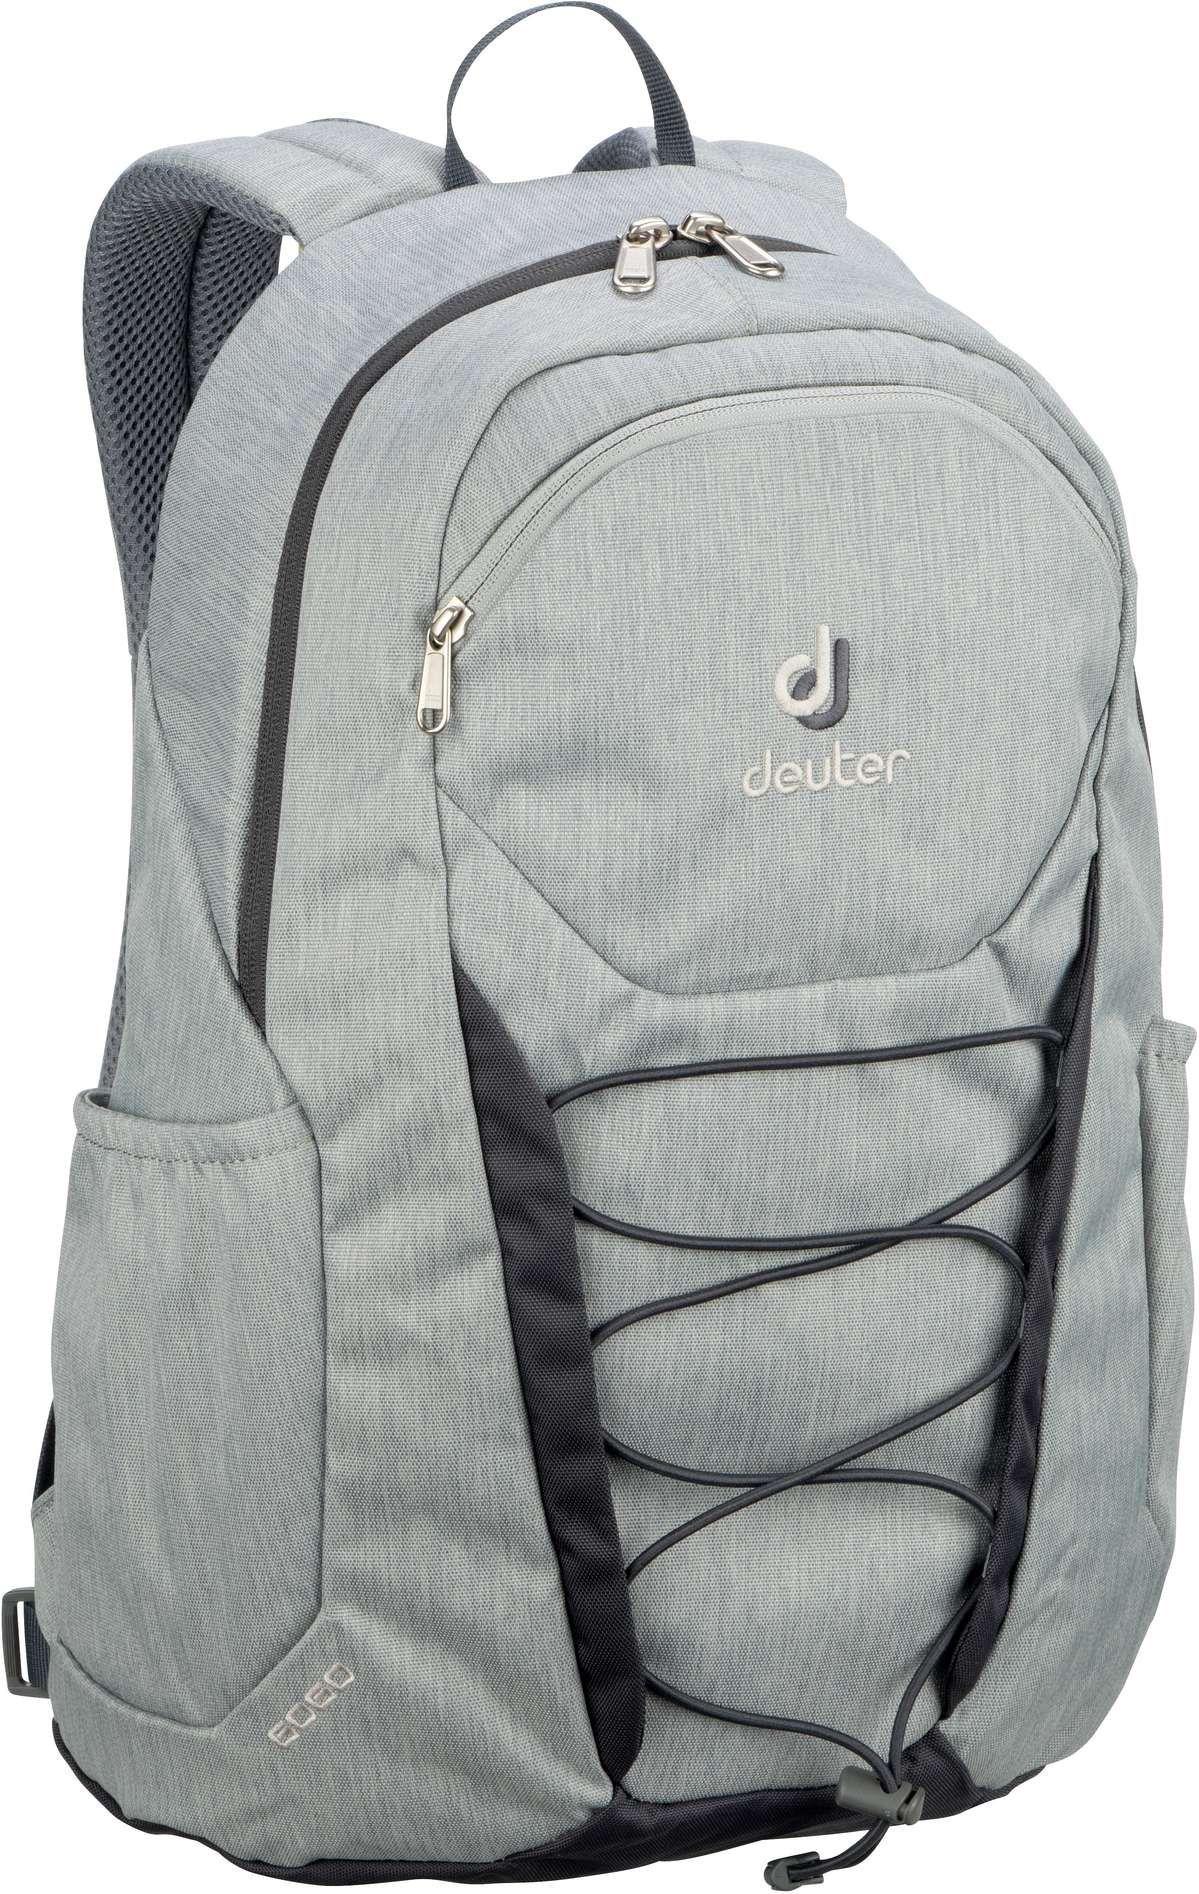 latest finest selection hot sales Deuter: Gogo   Wunschliste   Deuter rucksack, Reisetasche ...